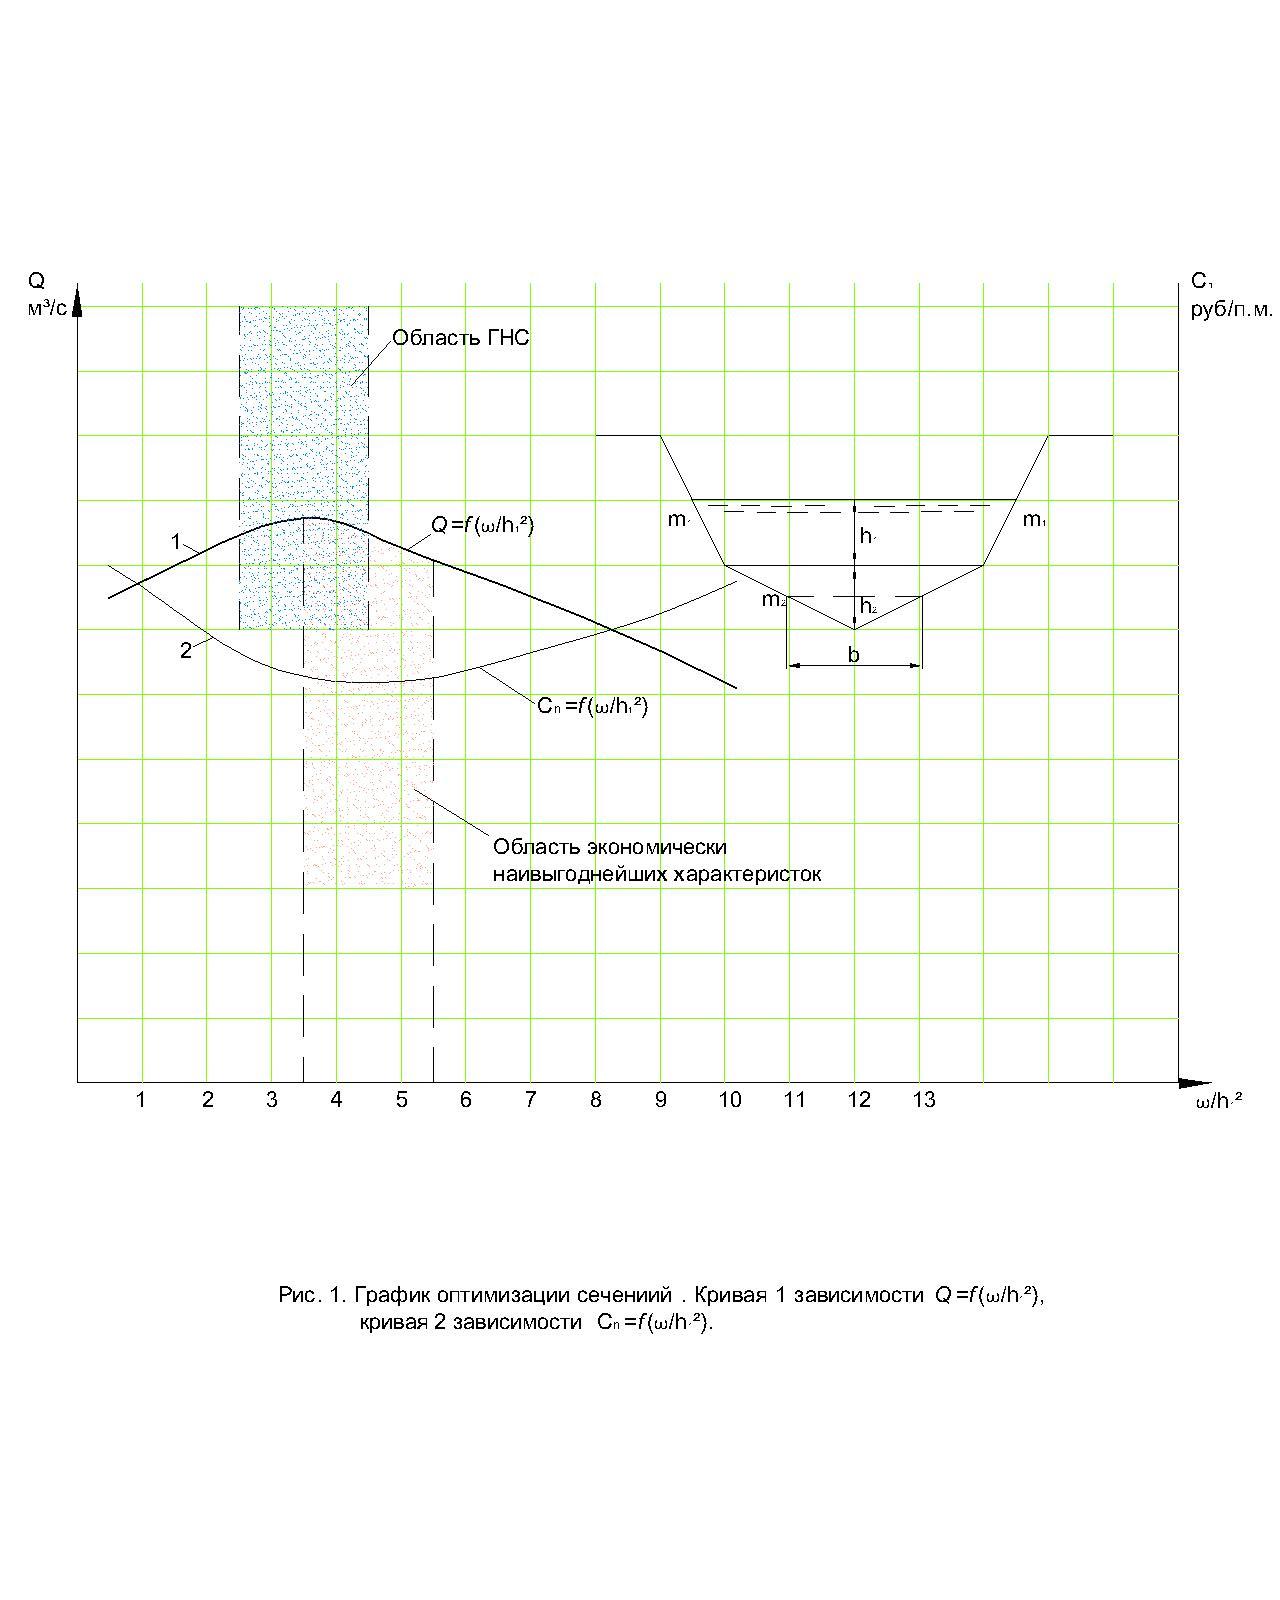 word image 175 Разработка ряда типовых конструкций гидротехнических сооружений для гидромелиоративных систем